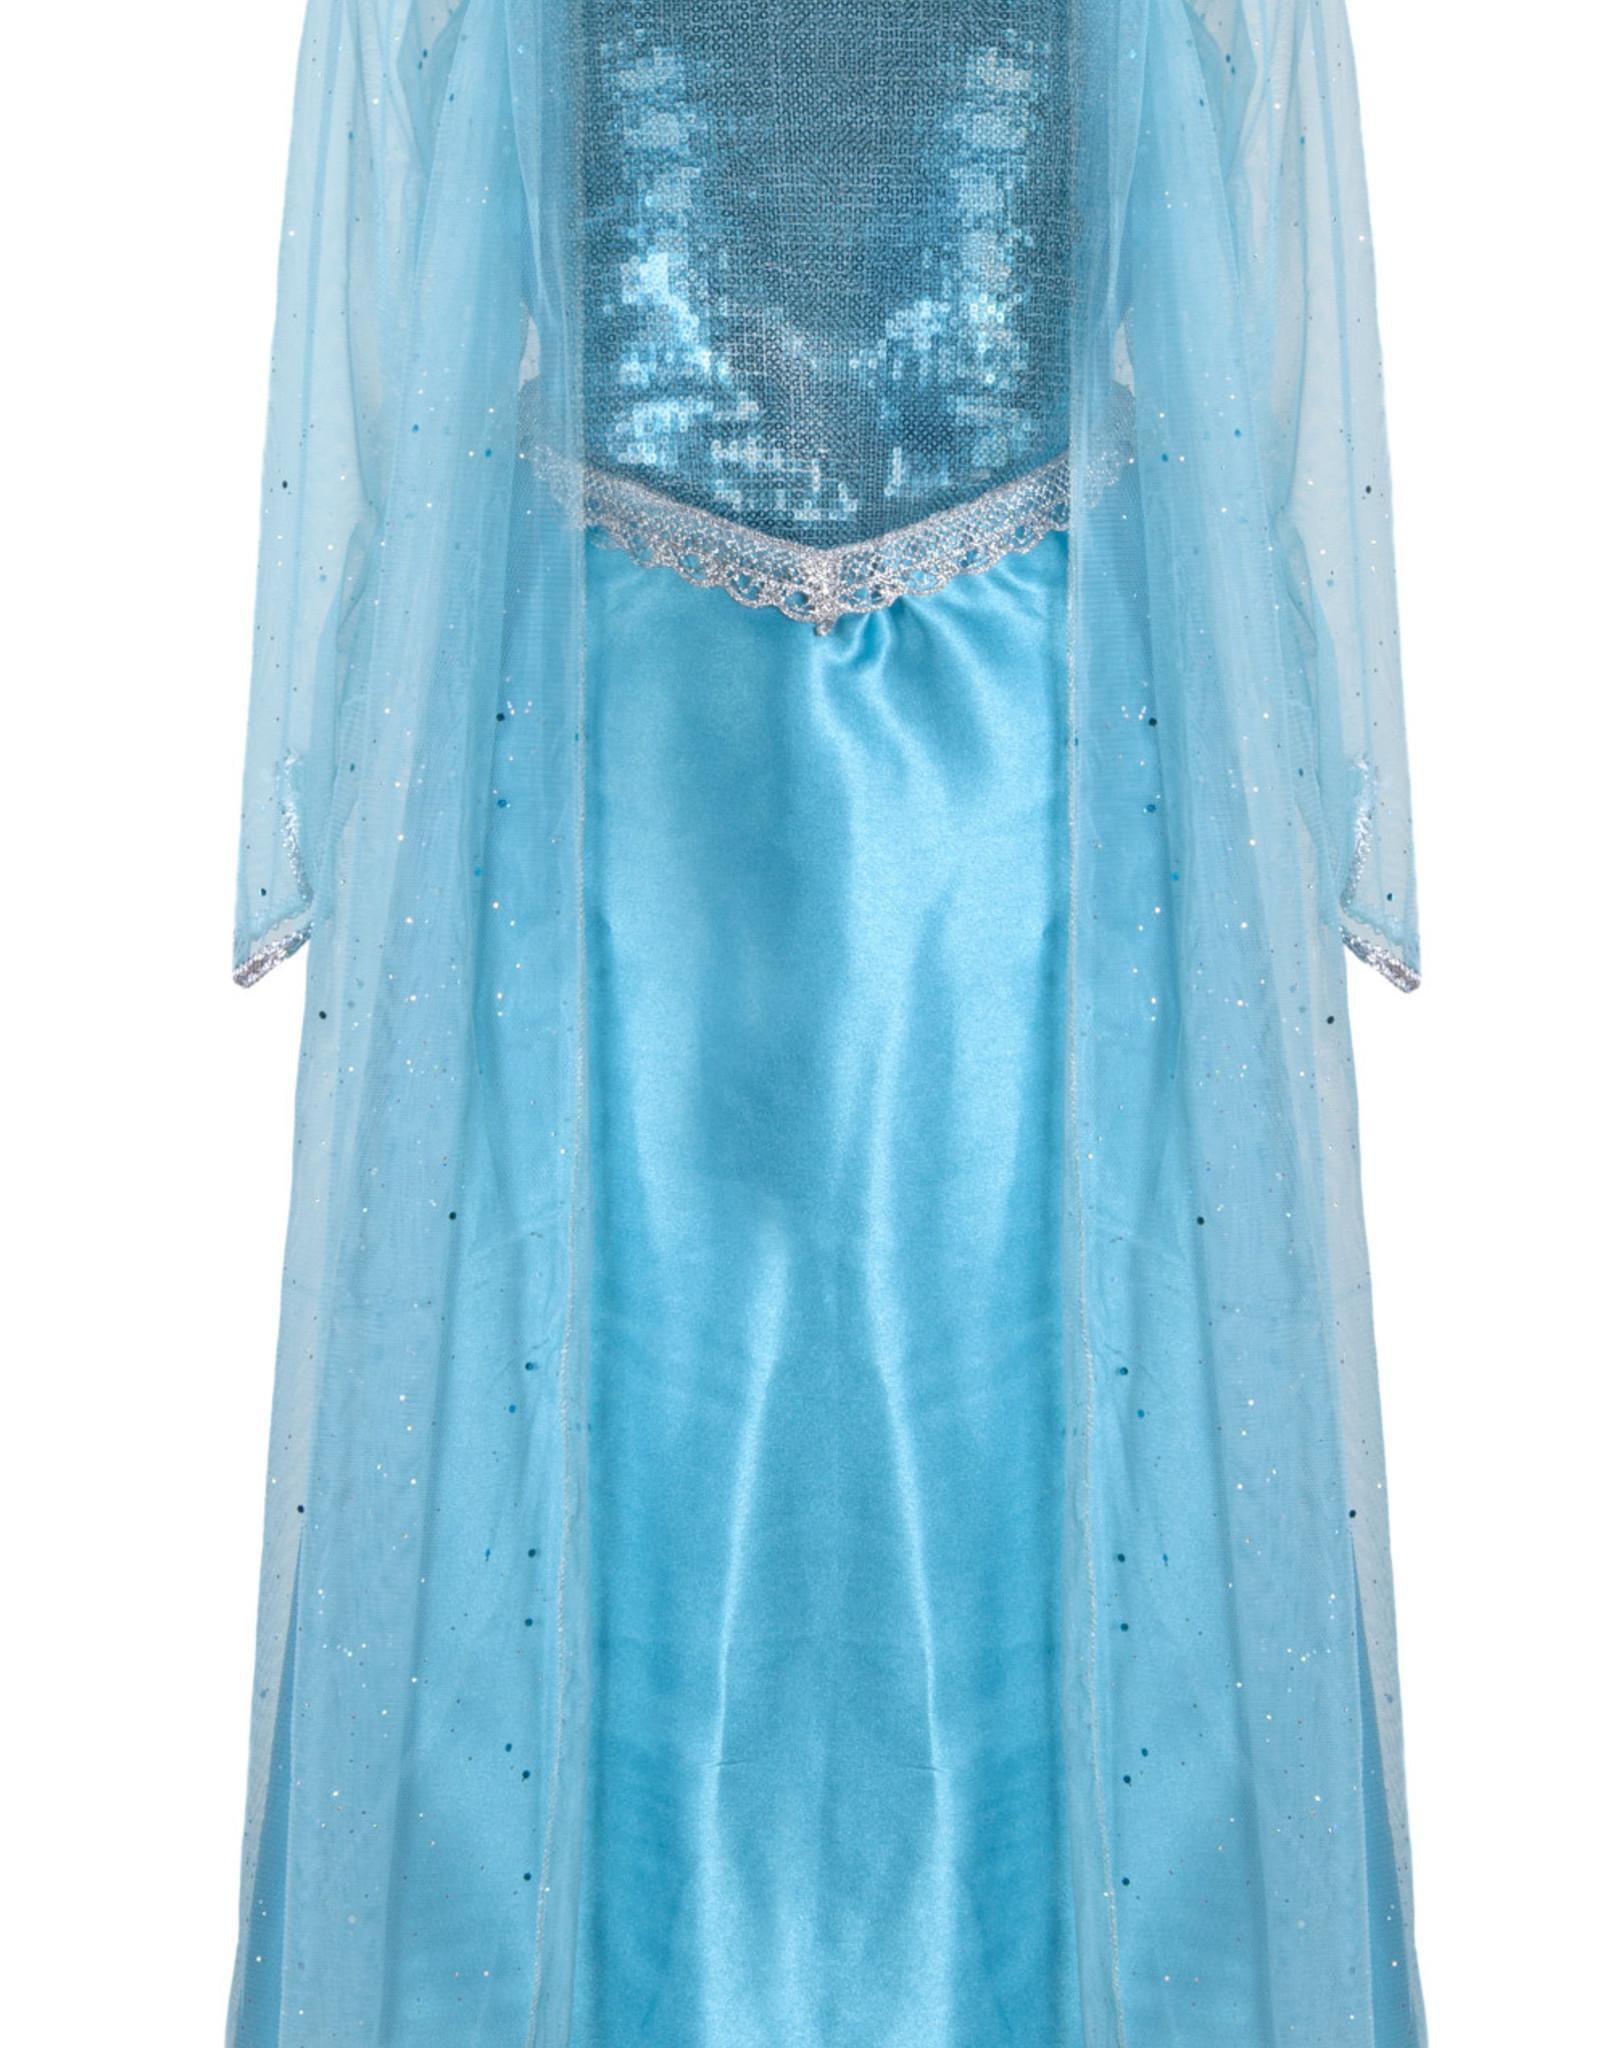 Great Pretenders Ice Queen Dress, Sie 5-6